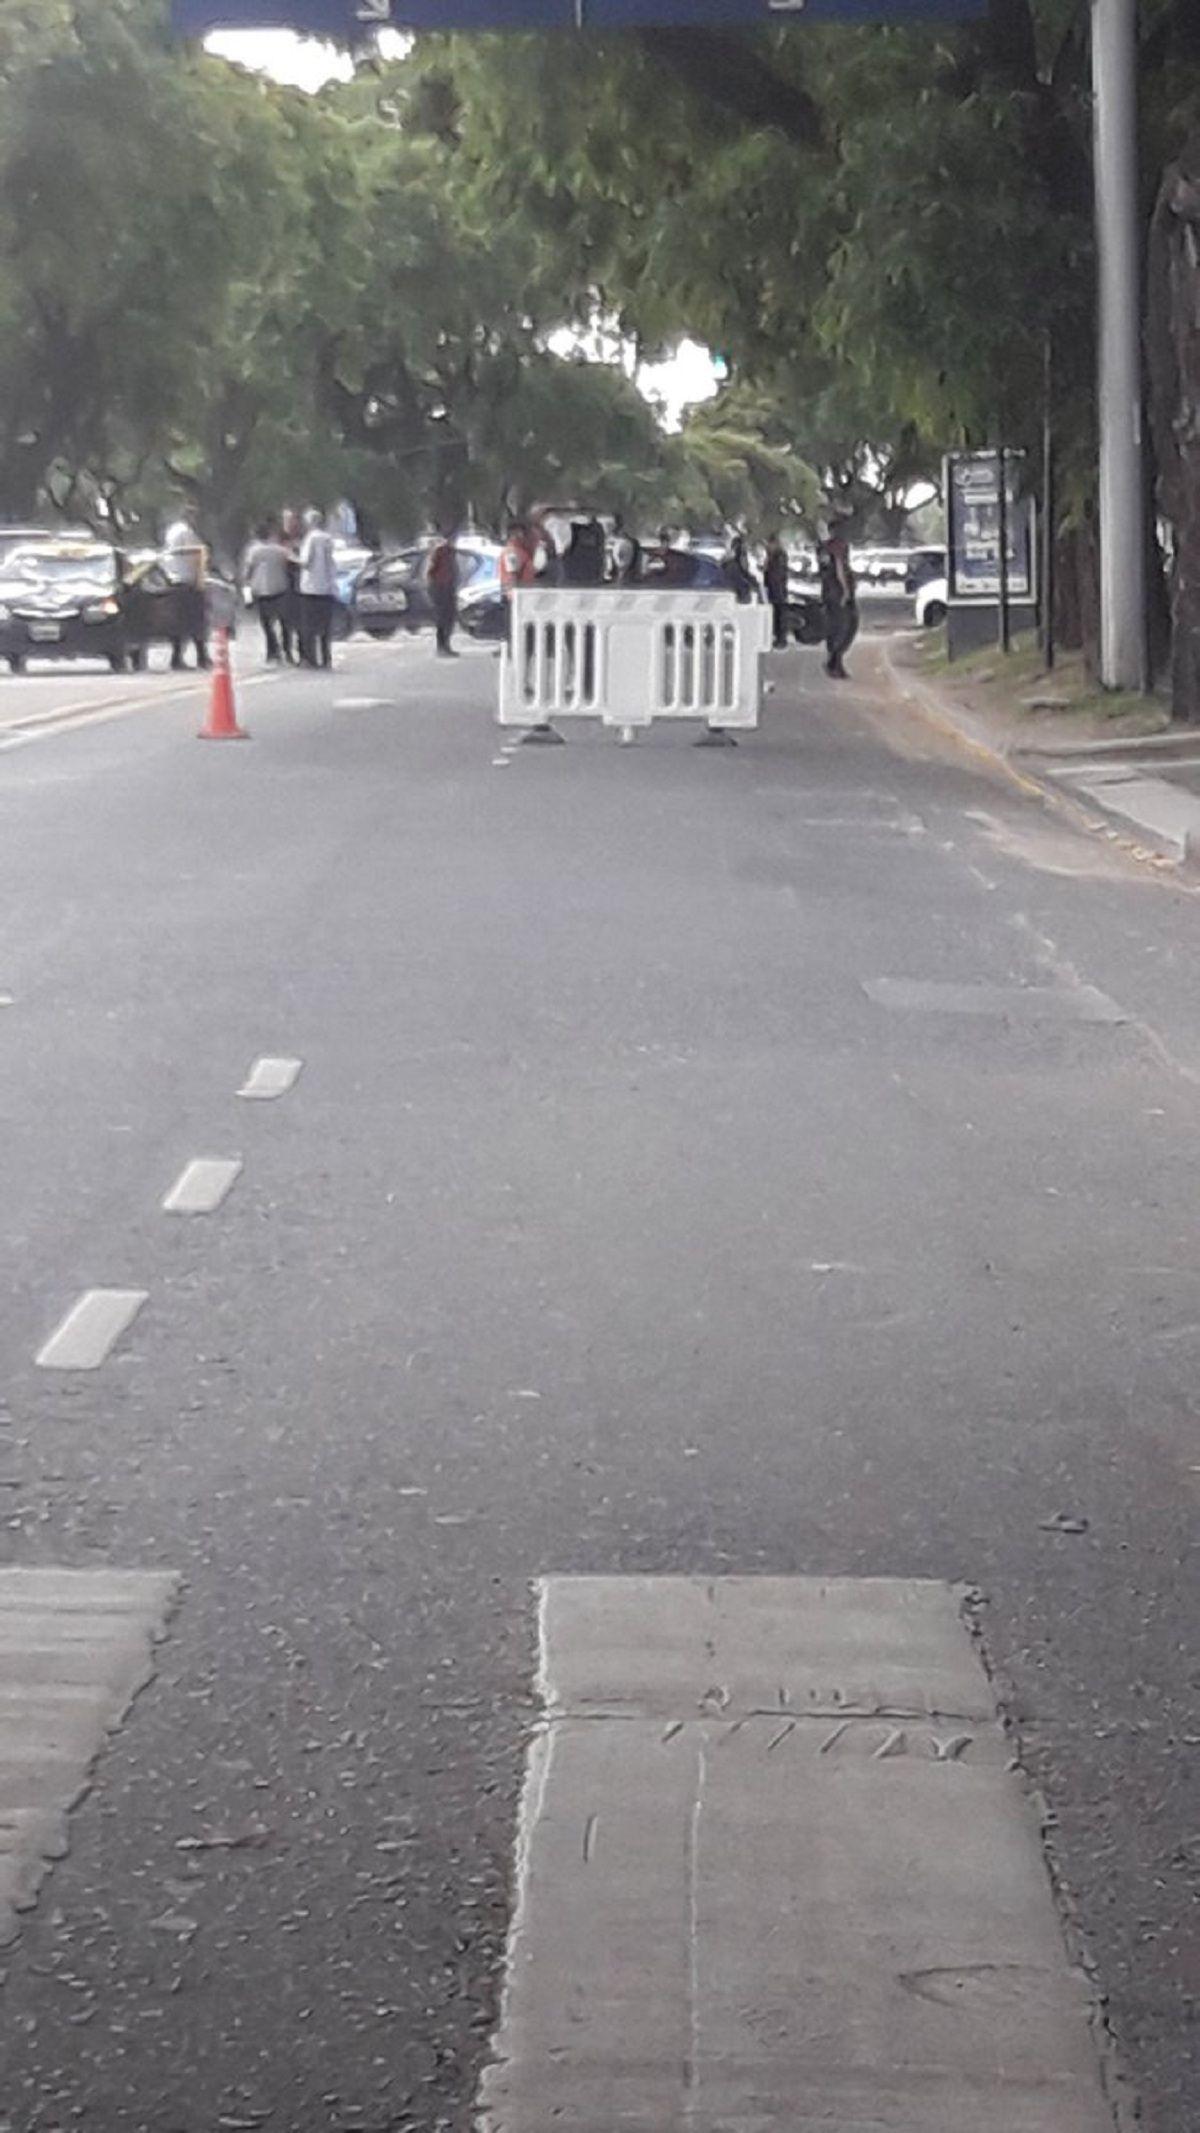 Un taxista atropelló y mató a una nena de 13 años frente a Aeroparque